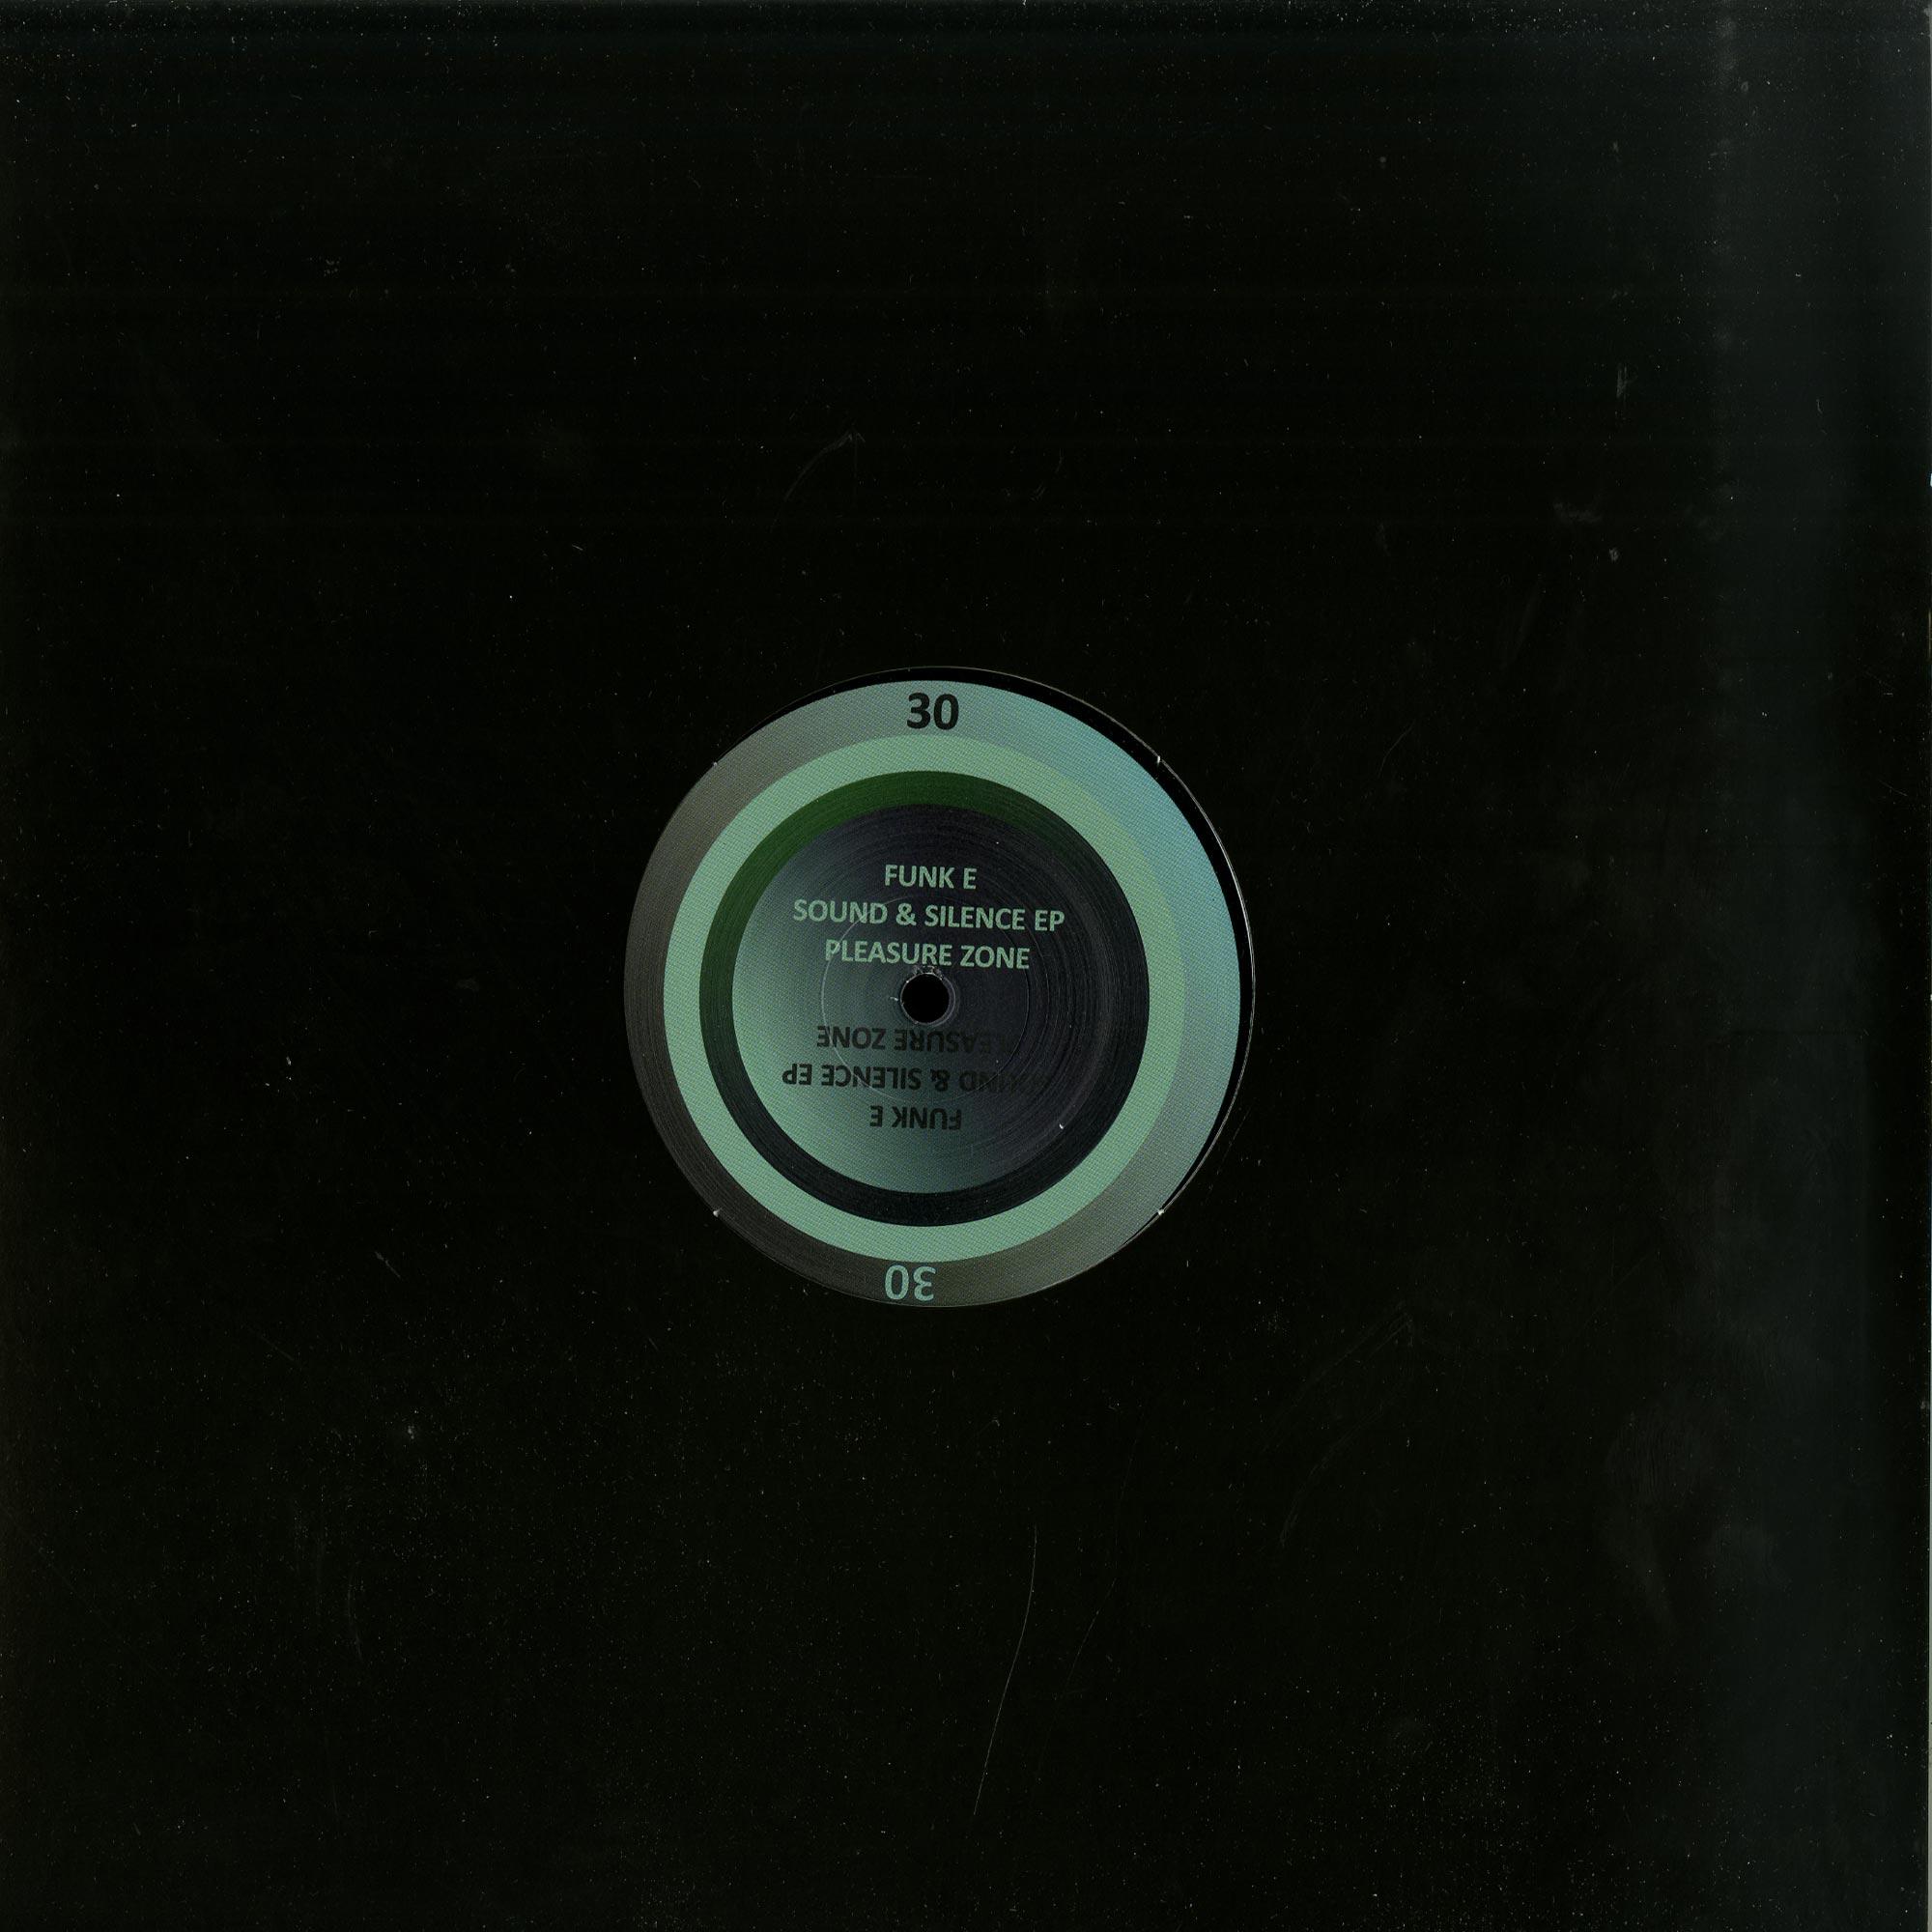 Funk E - Sound & Silence EP